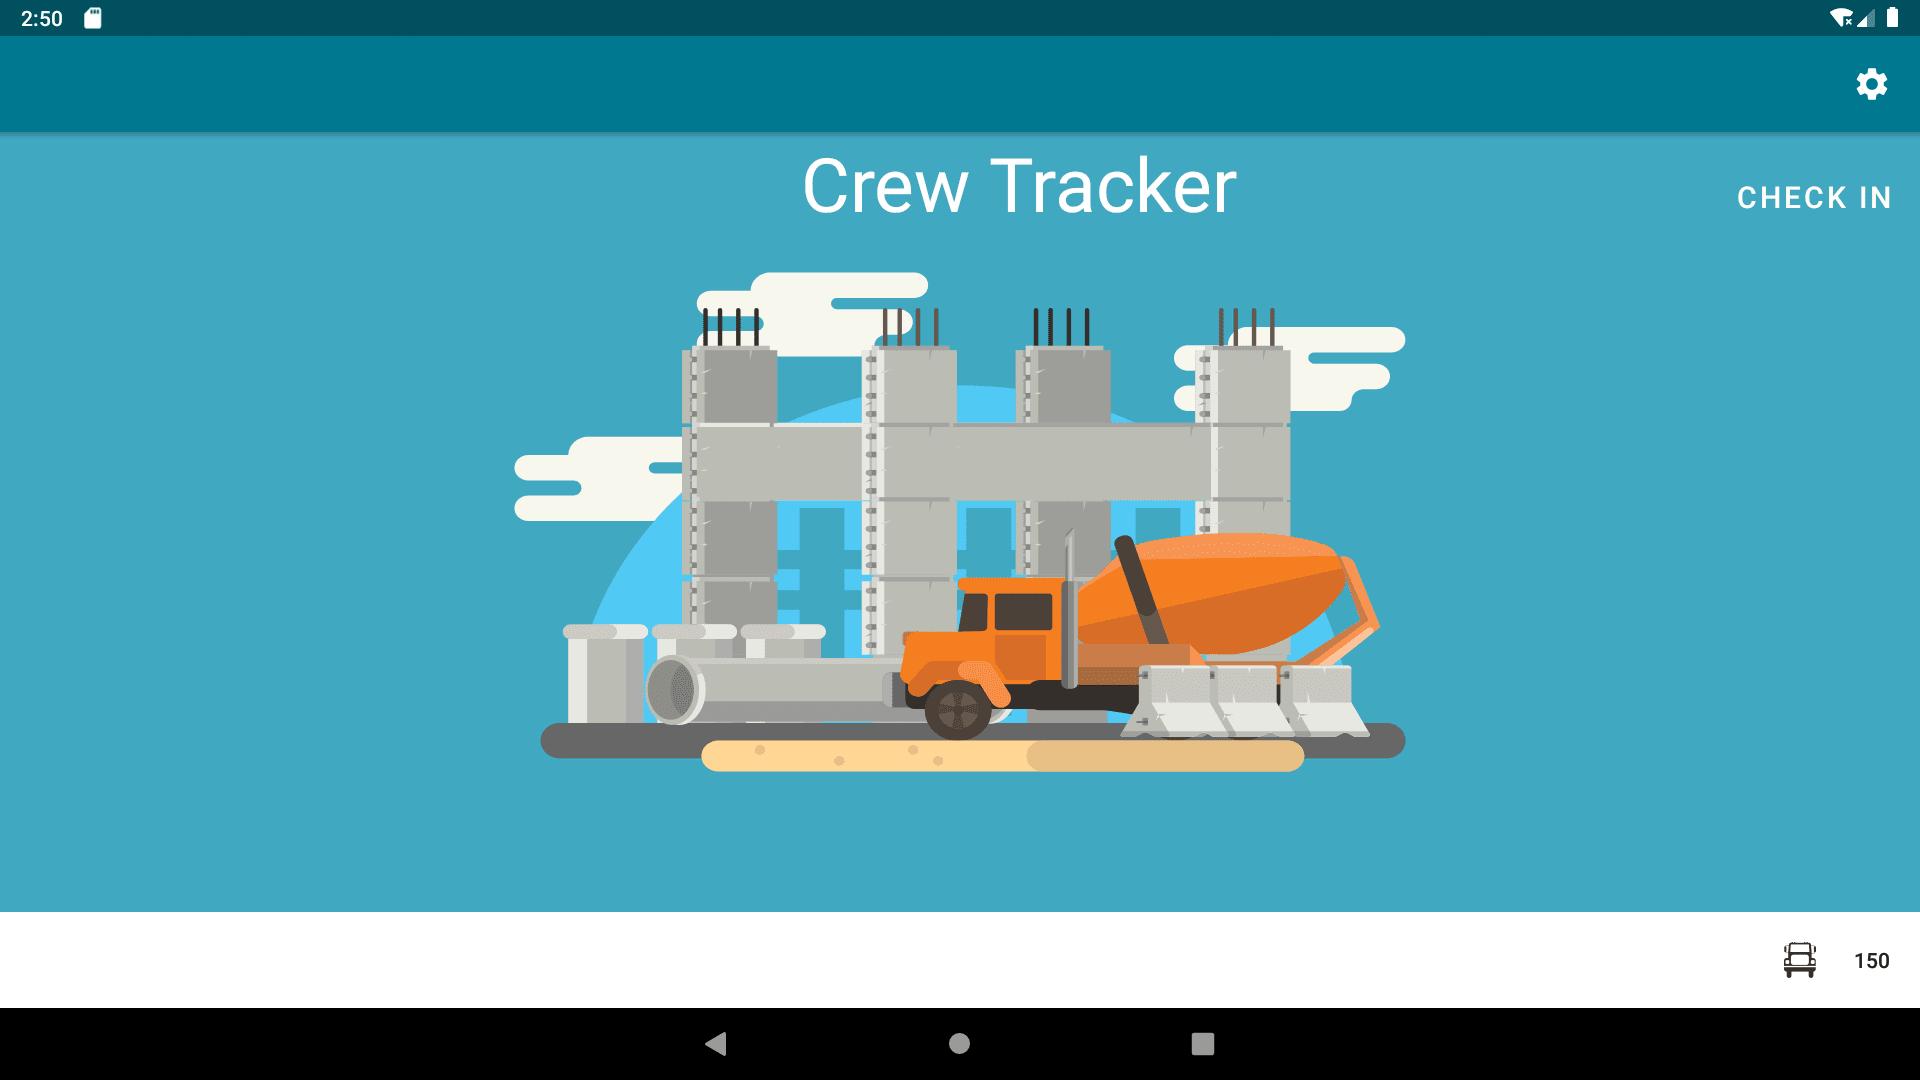 Crew Tracker